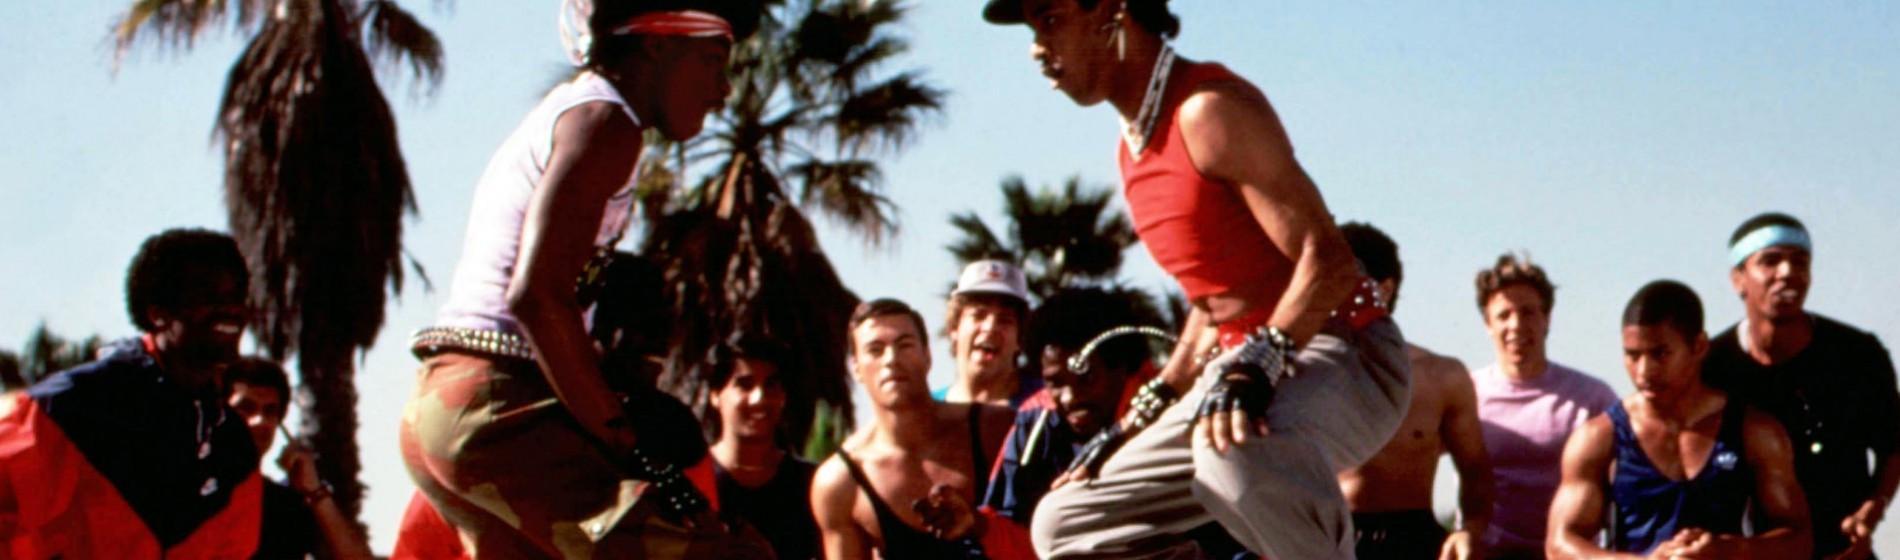 Breakin' Jean Claude Van Damme